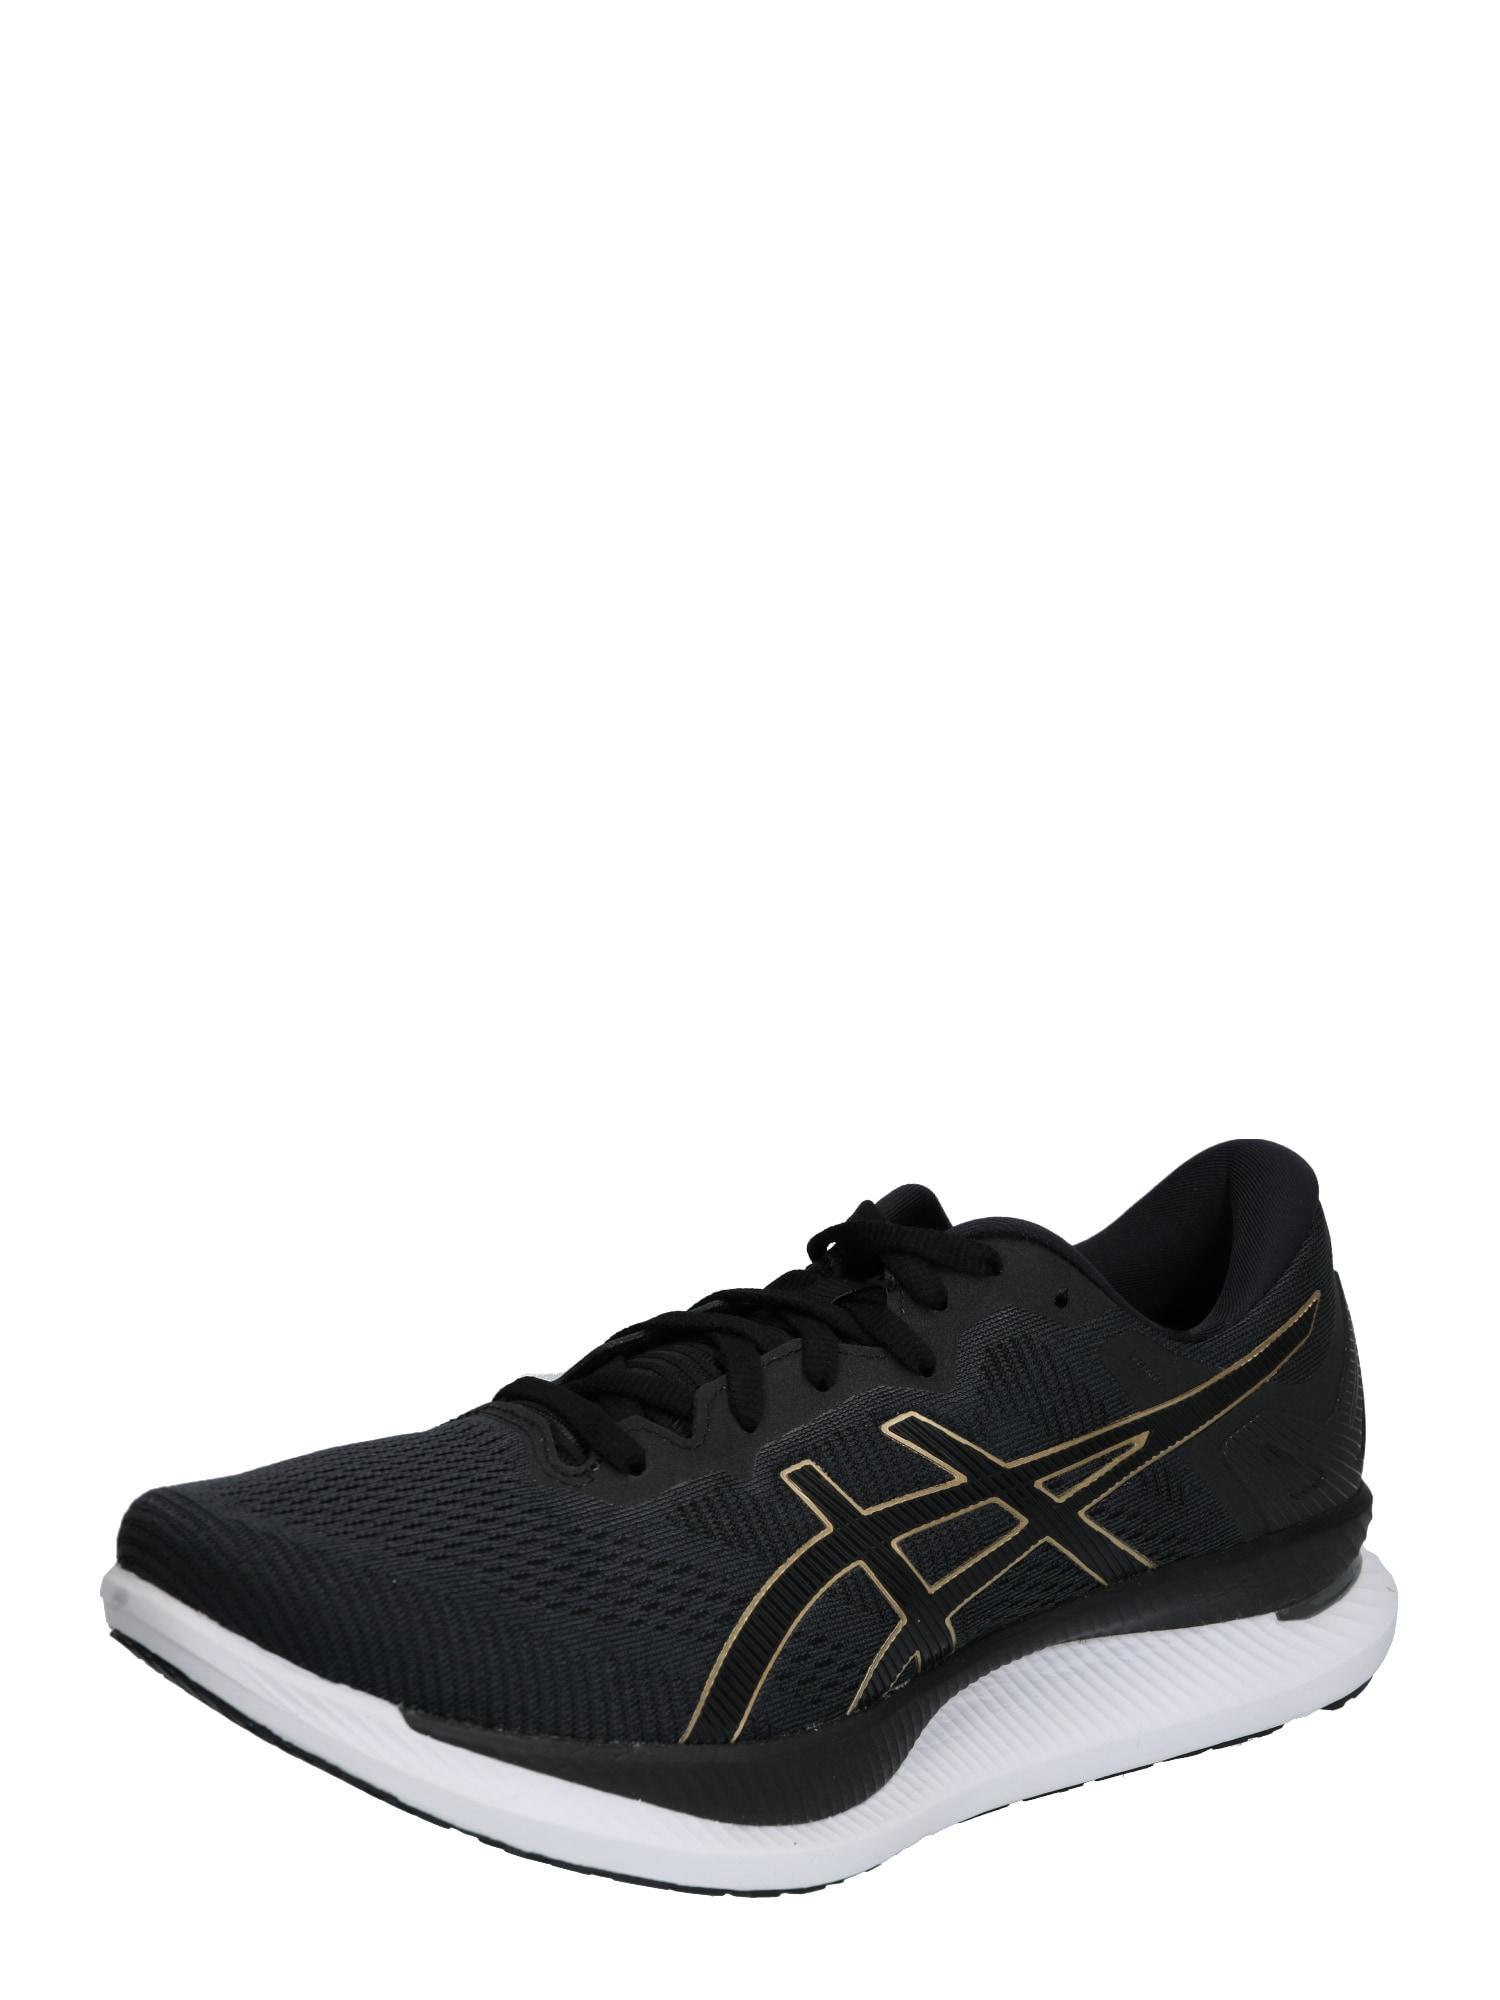 ASICS Bėgimo batai 'Glidride' juoda / auksas